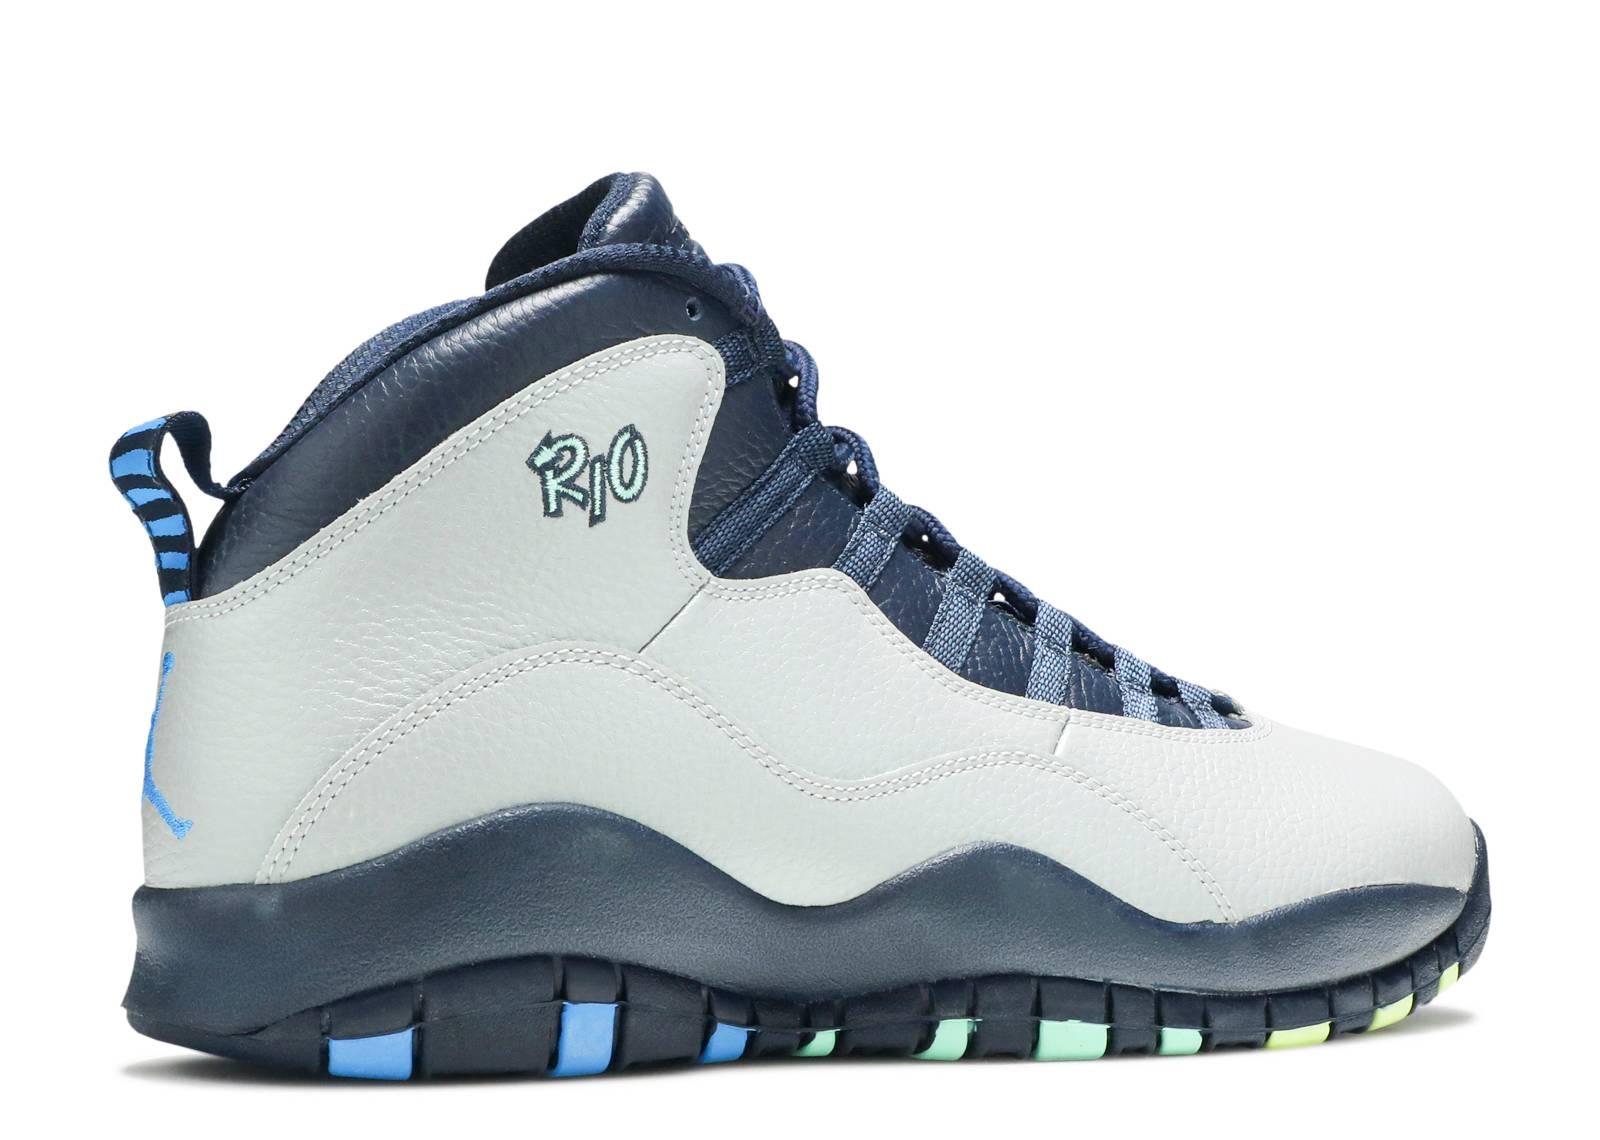 Jordans 10 Retro